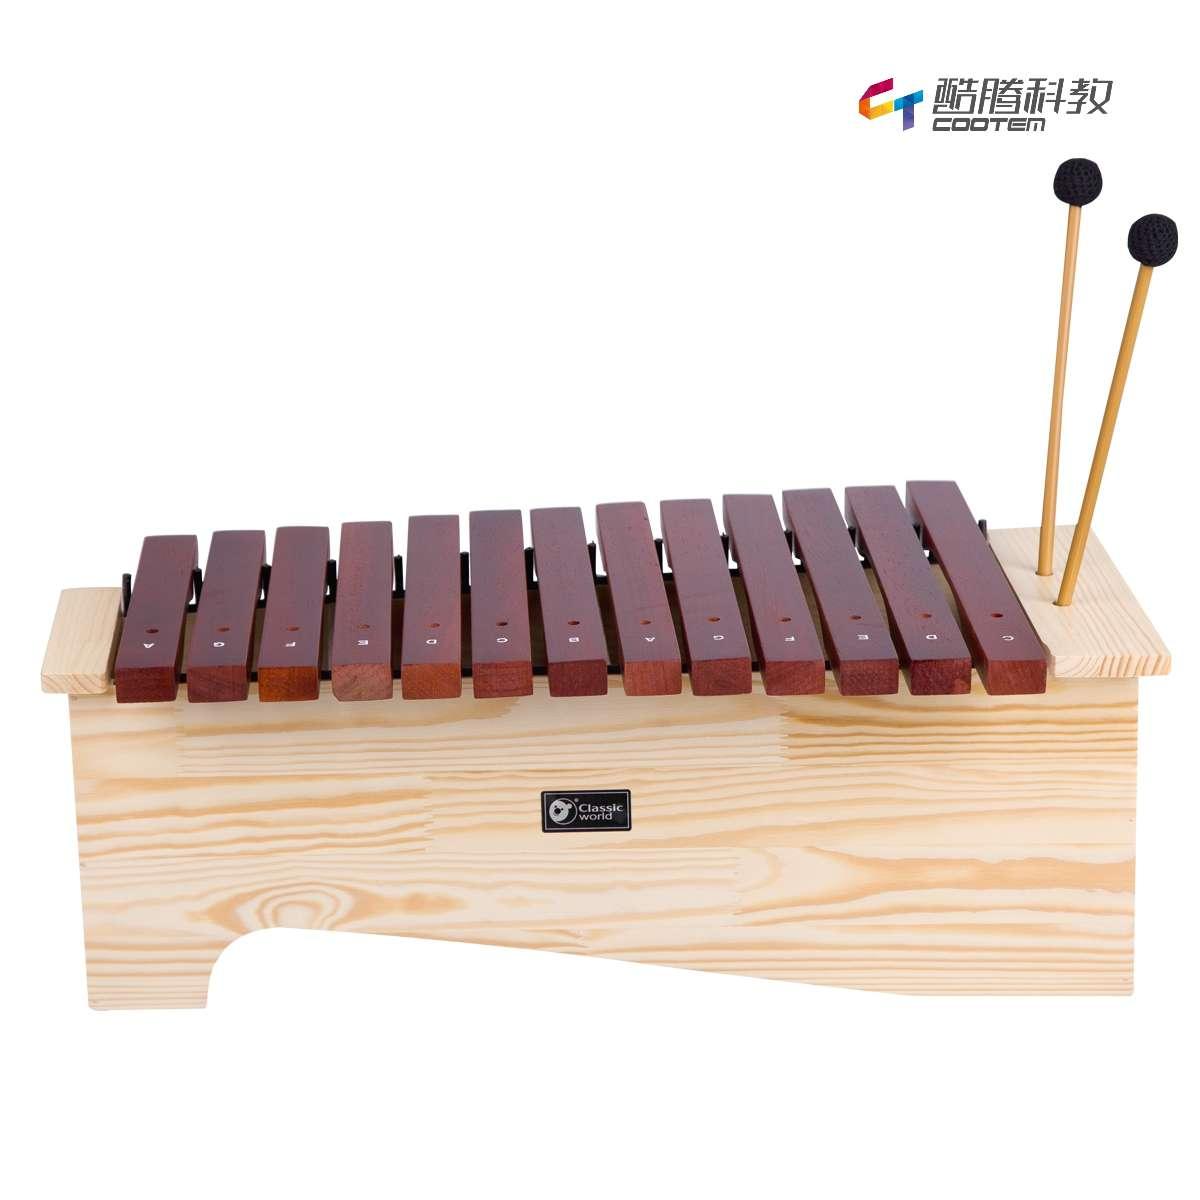 中音木箱体琴C4-A5